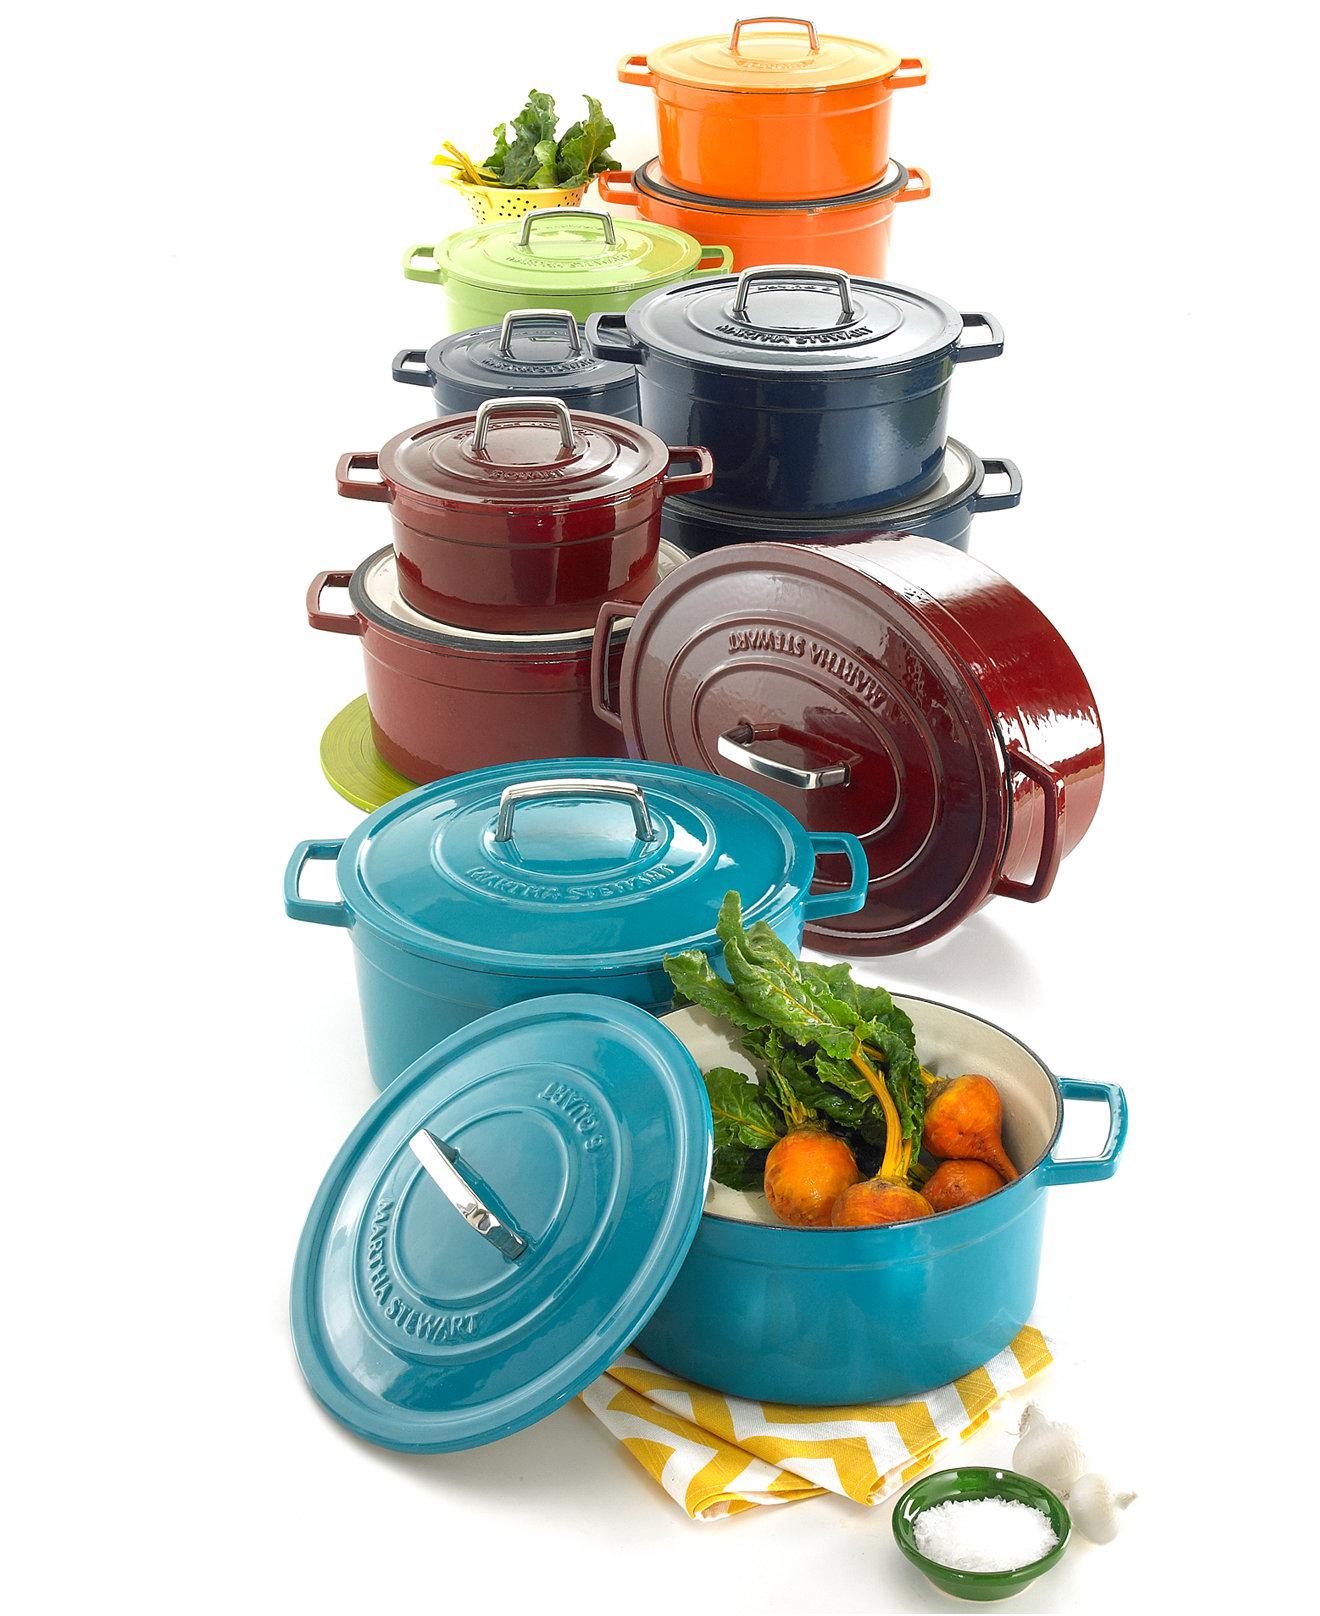 Co color cast cookware - Larger View